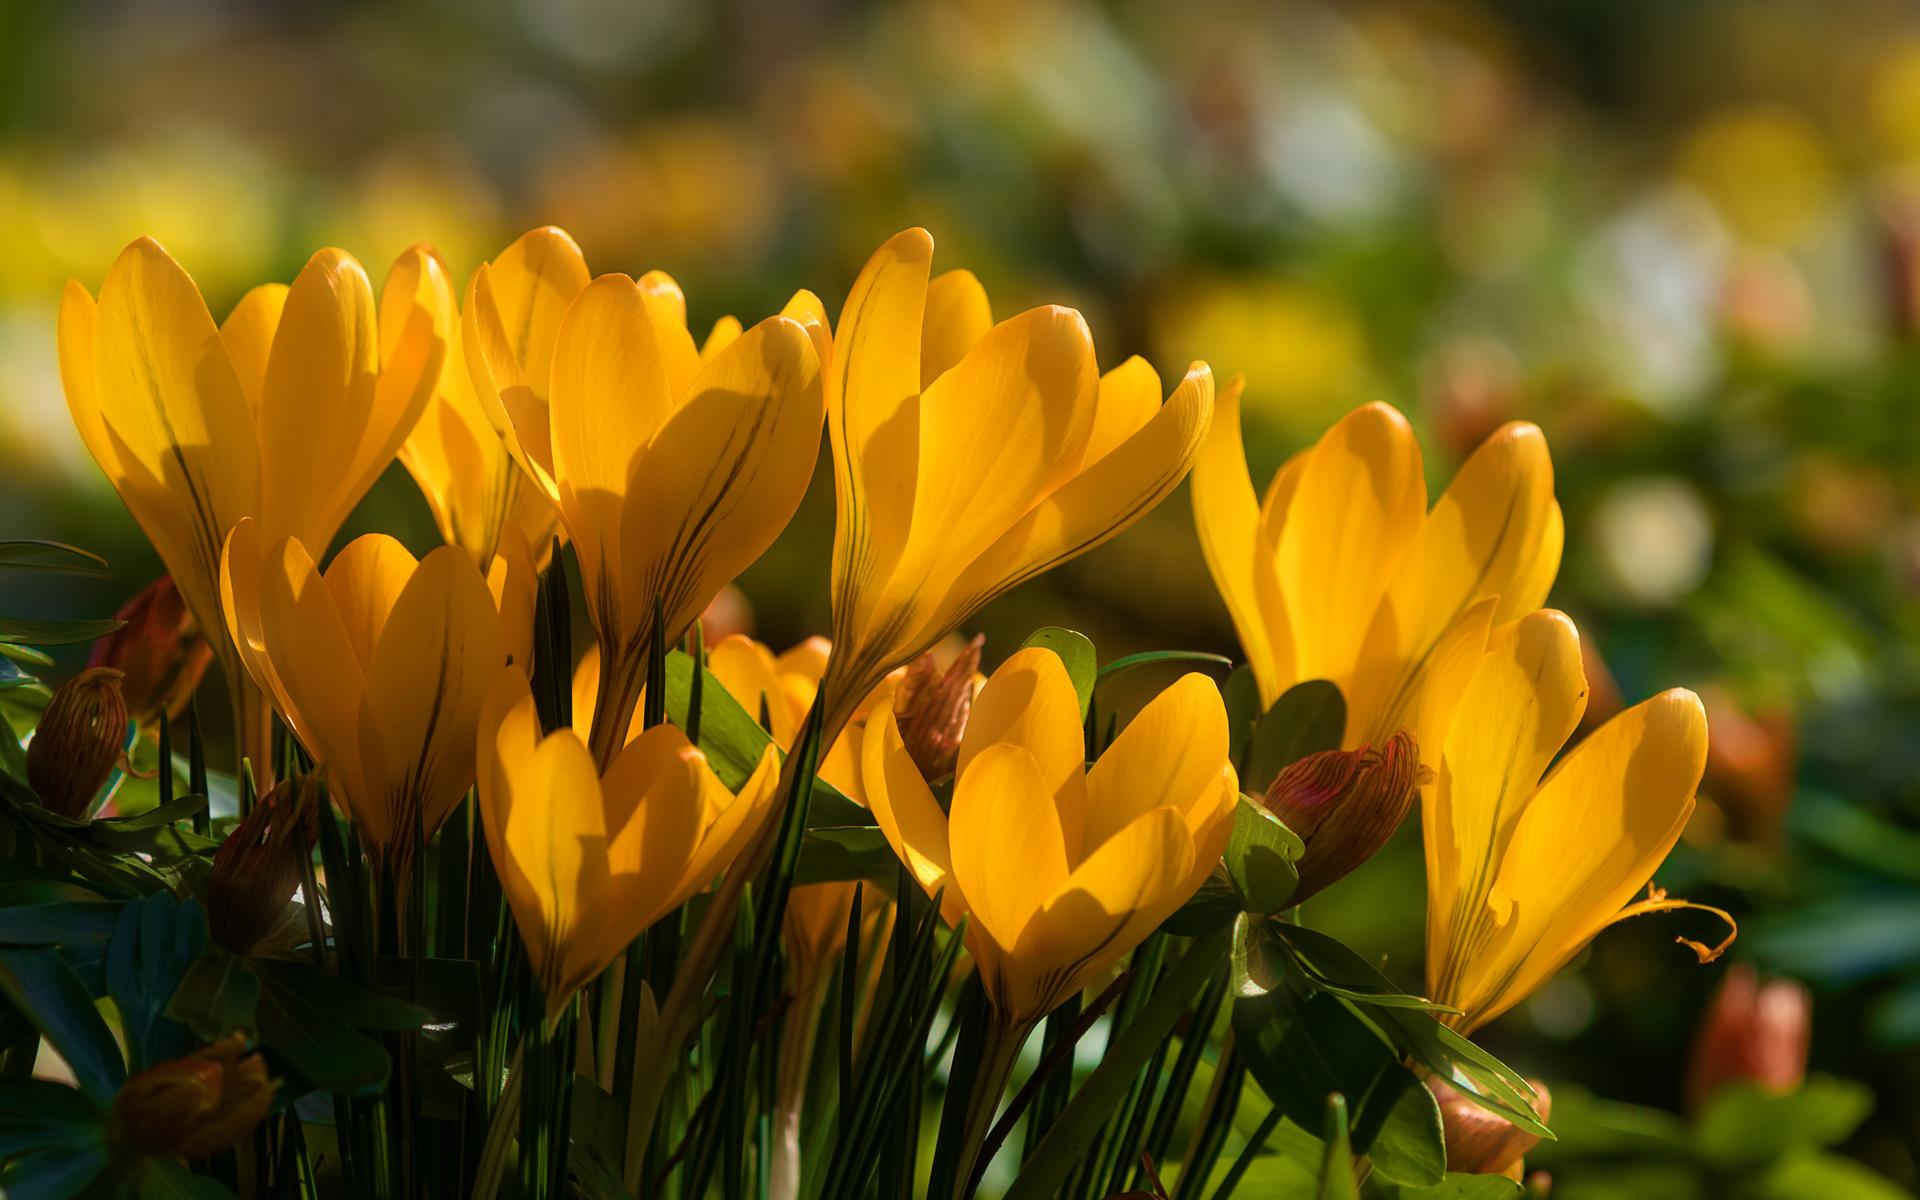 крокусы, крупным планом, желтый, цветы